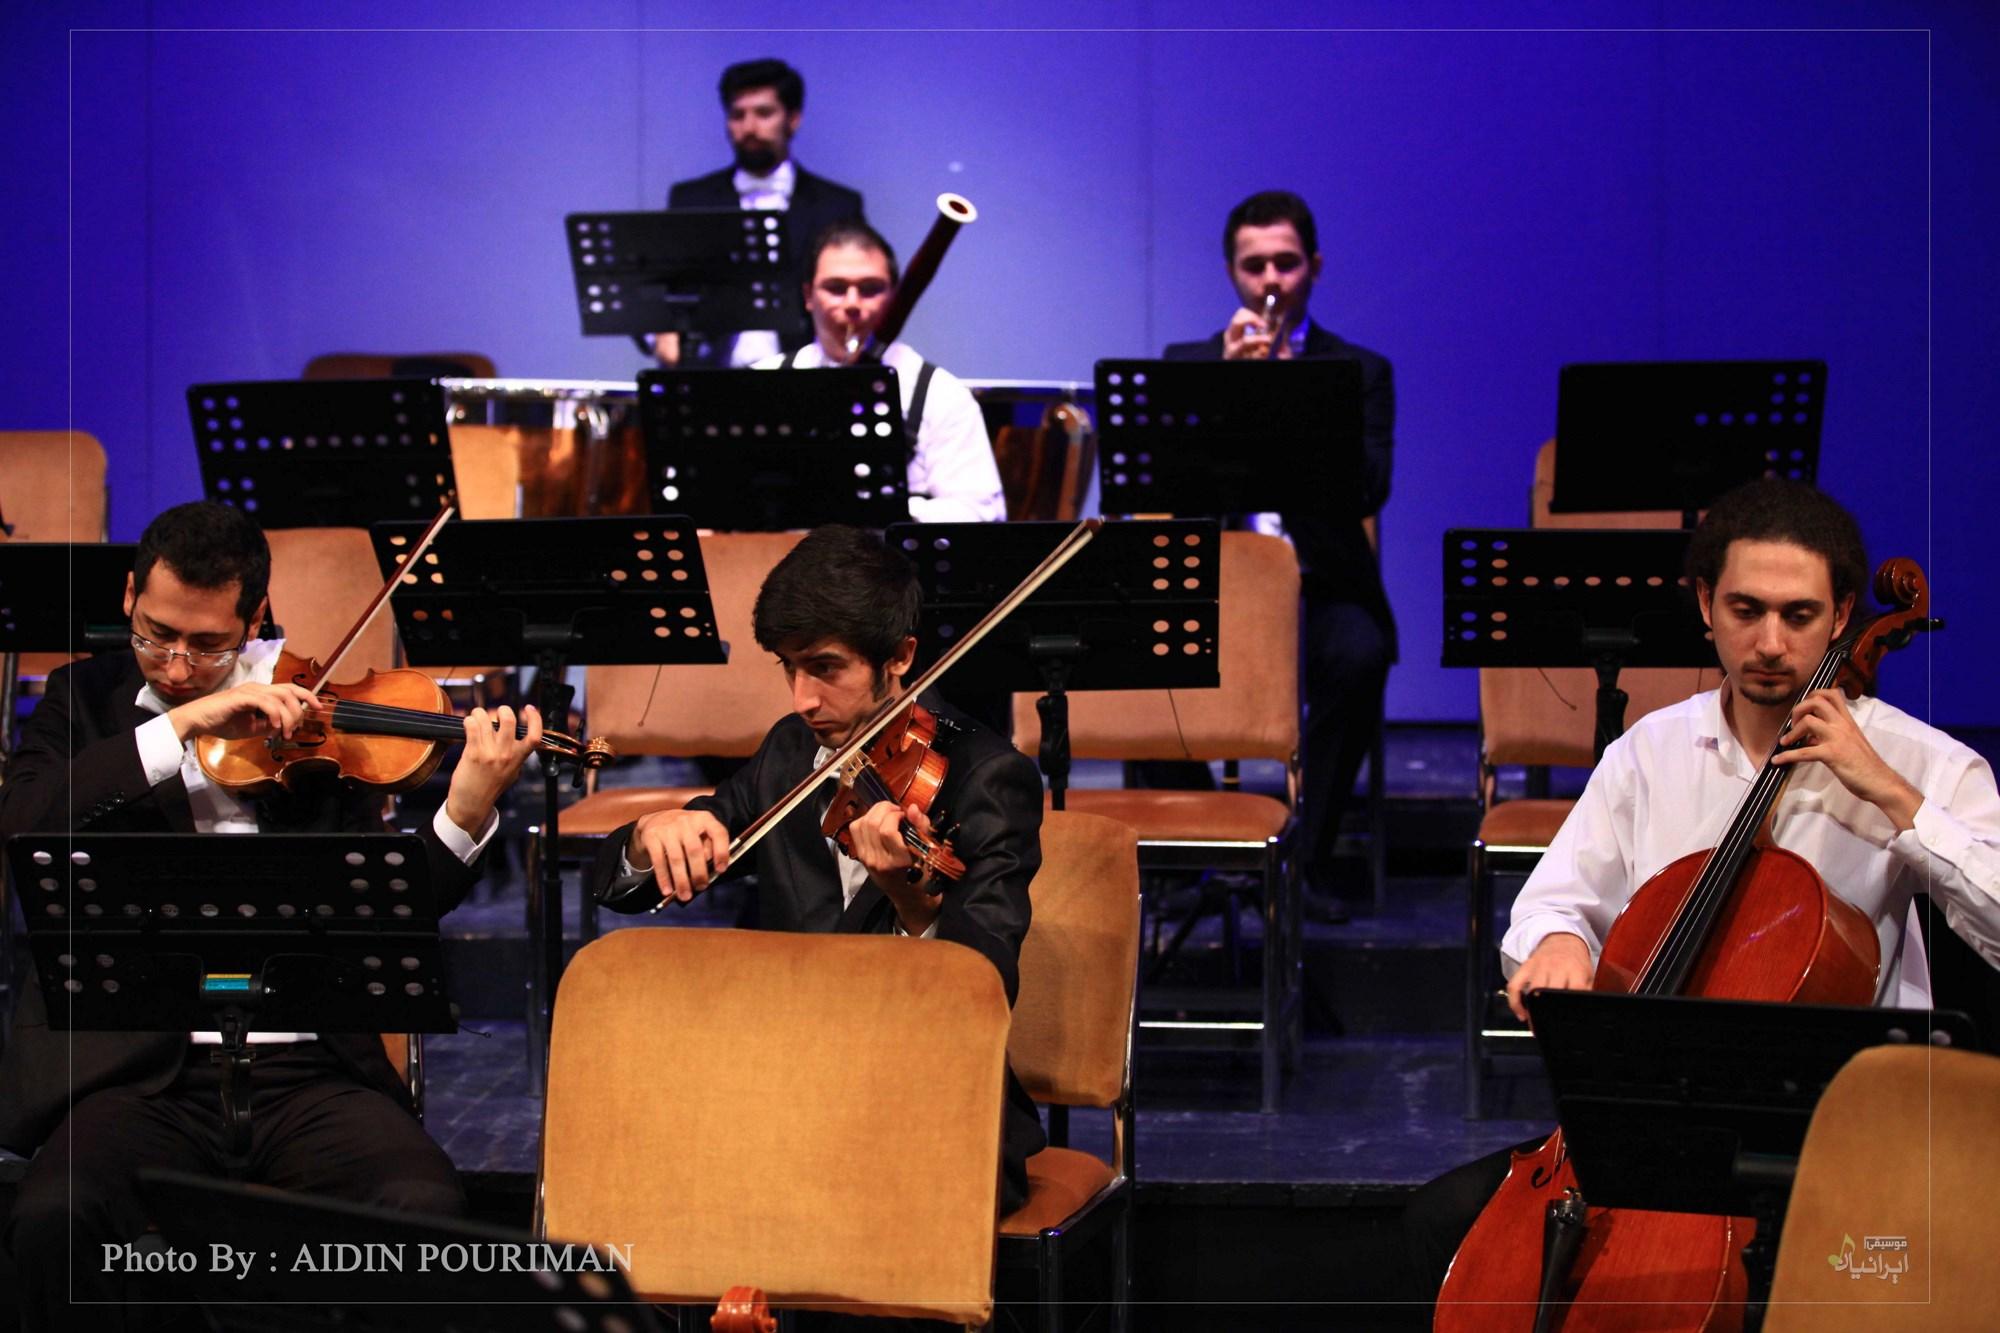 ارکستر مجلسی پارسیان در تالار وحدت به روی صحنه رفت